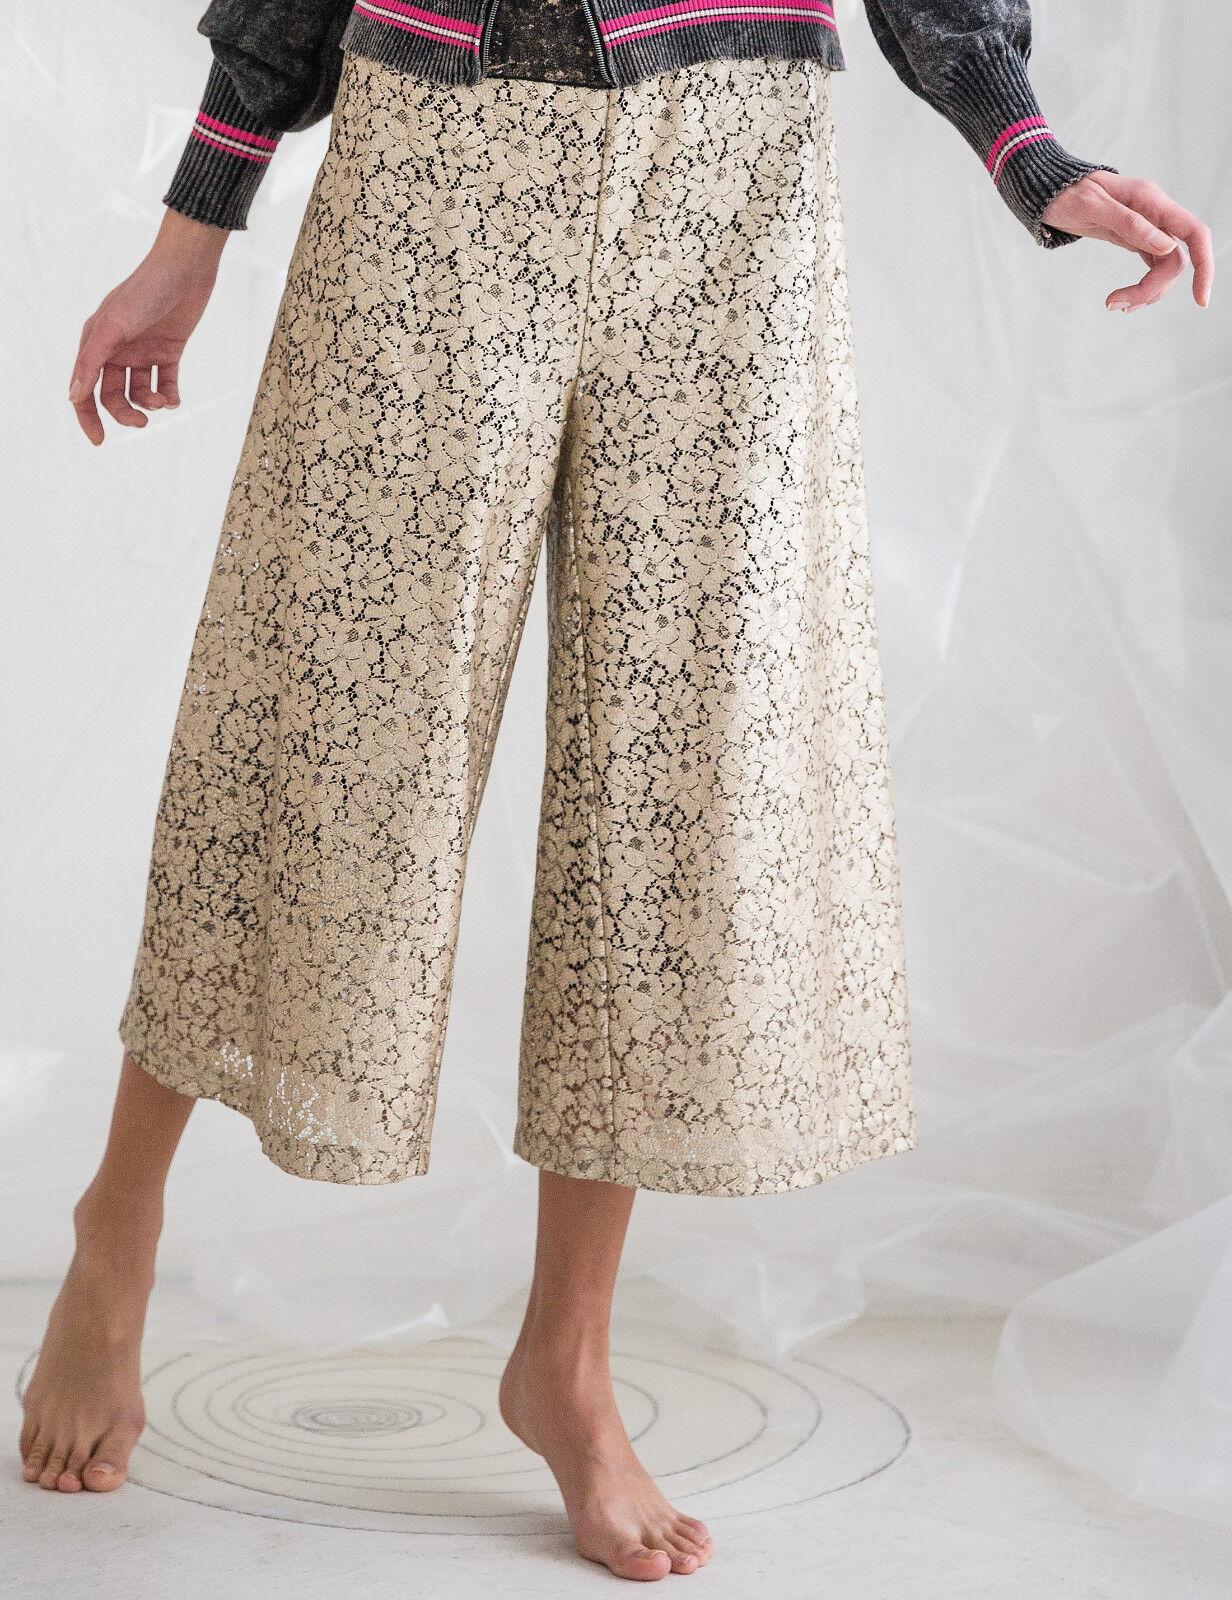 ELISA CAVALETTI Spitzenhose Trousers Jazz Gr. S, M Koll. HW17 18